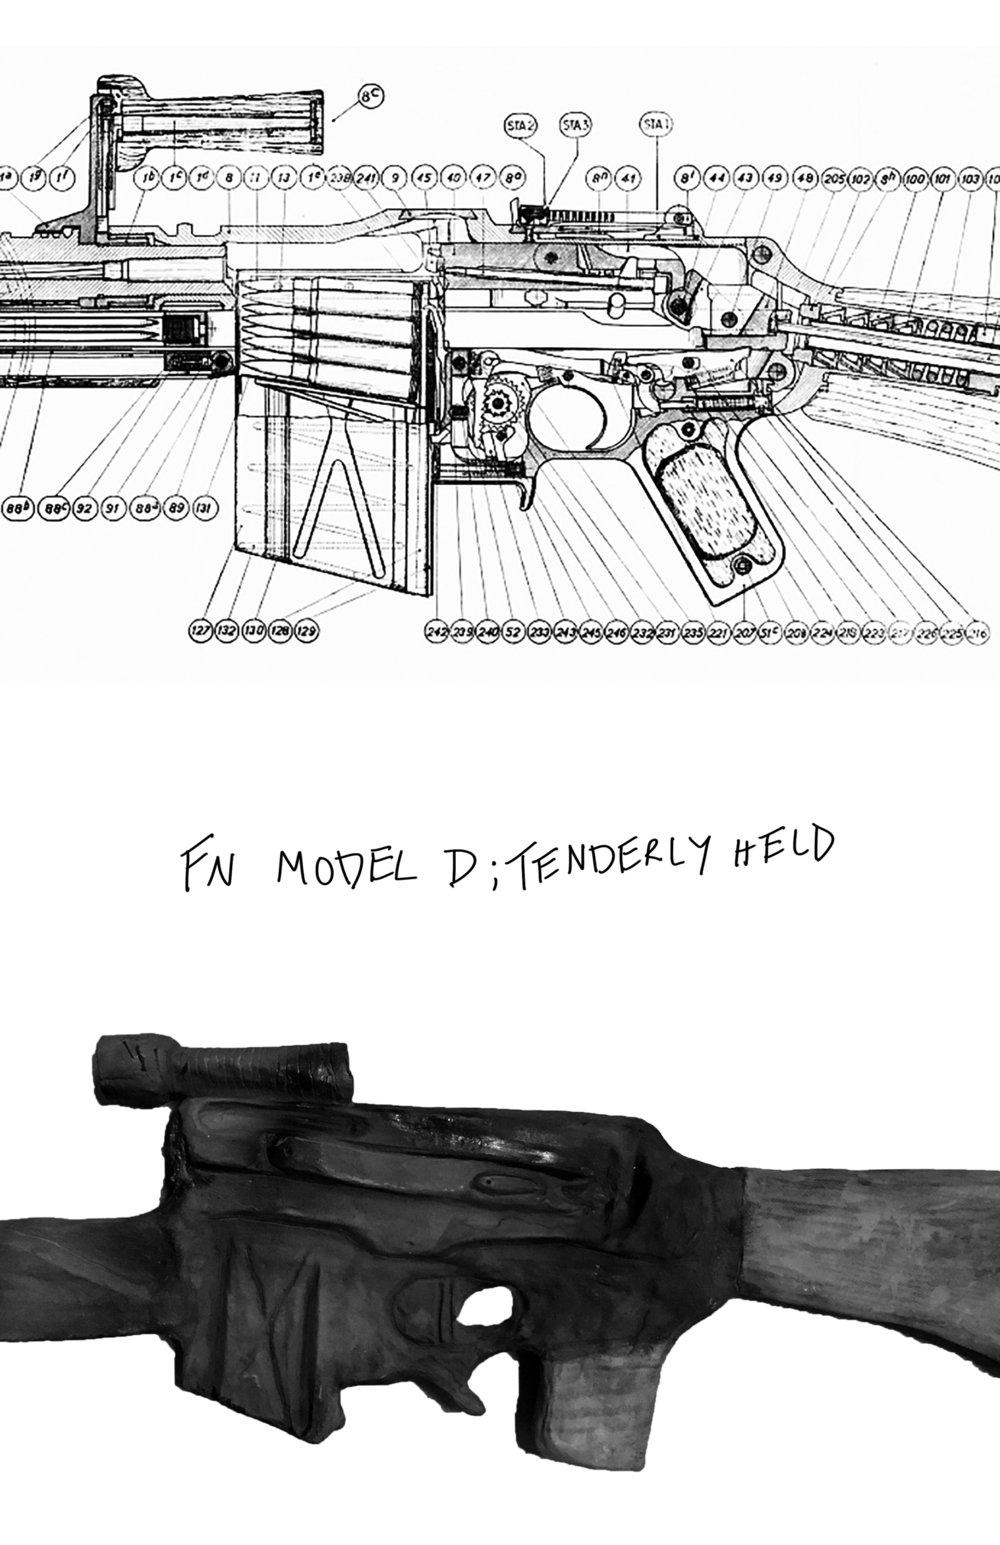 FN Model D.jpg